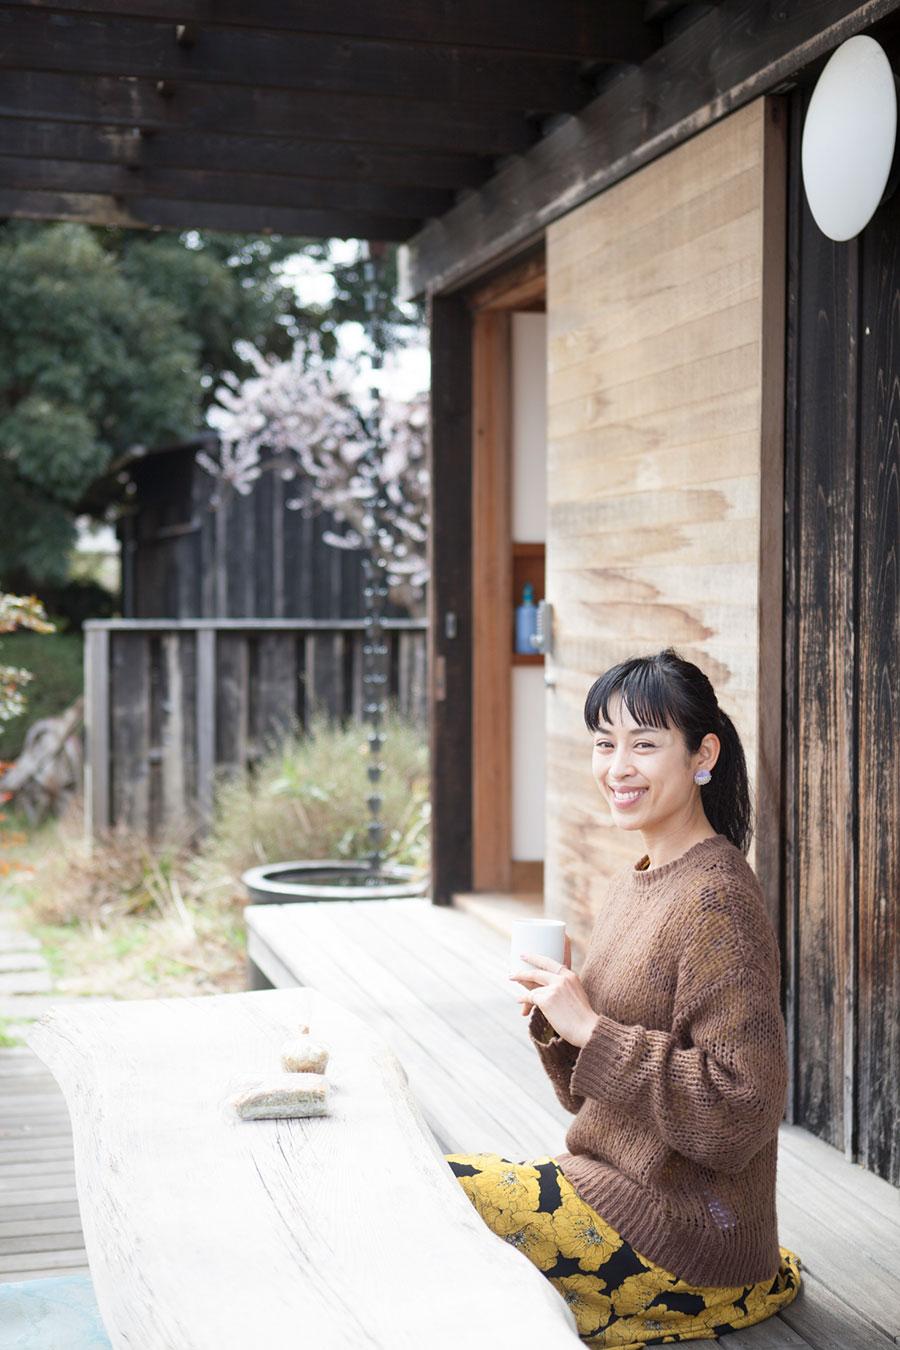 マーケット出店担当の熊澤裕美子さん。母屋の軒先で。